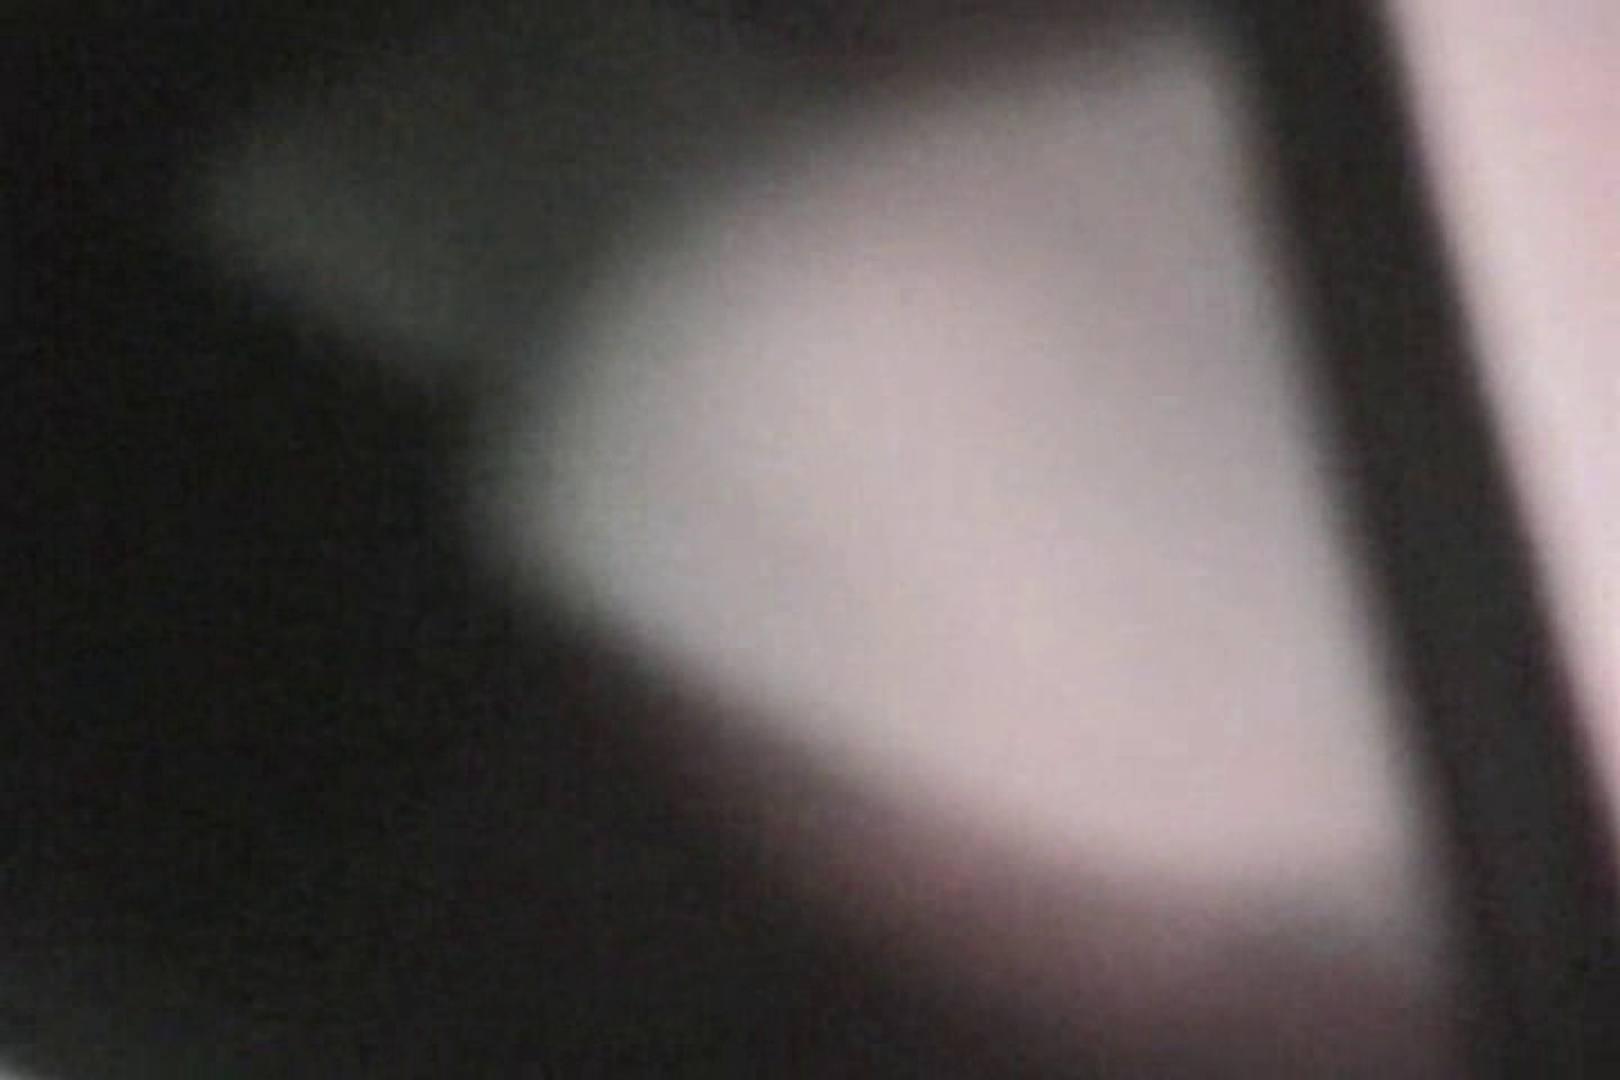 蔵出し!!赤外線カーセックスVol.23 OLの実態 覗きスケベ動画紹介 92pic 92